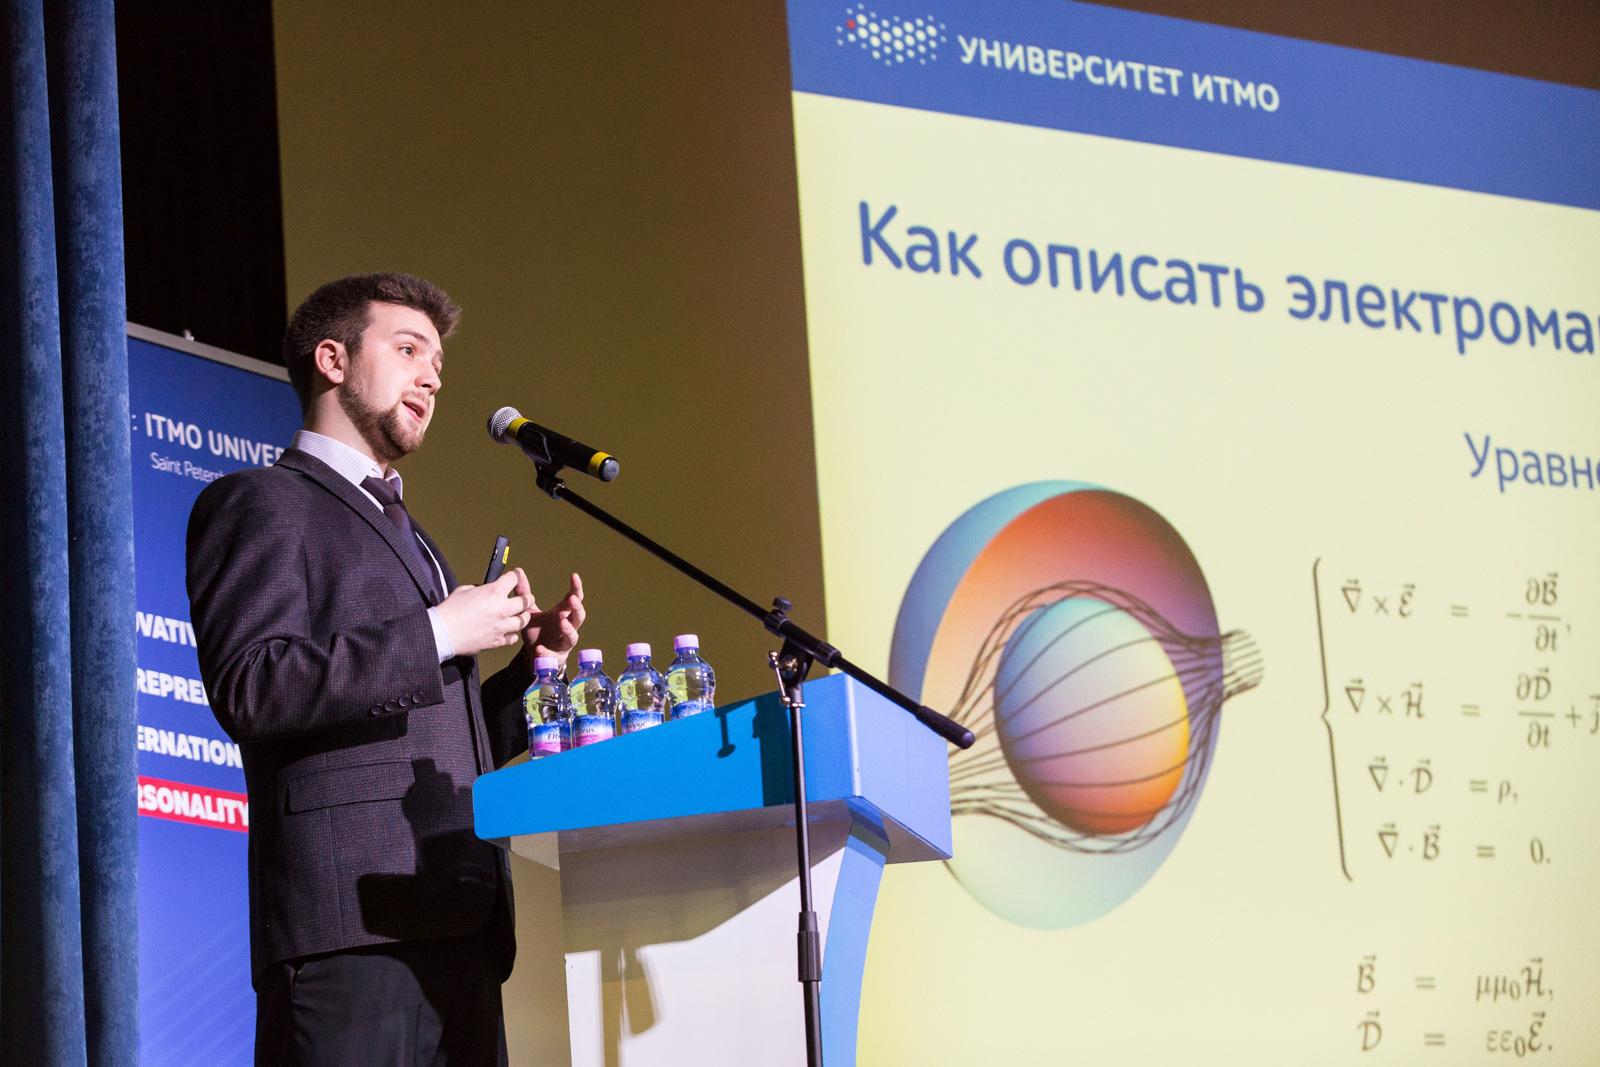 VI Всероссийский конгресс молодых ученых